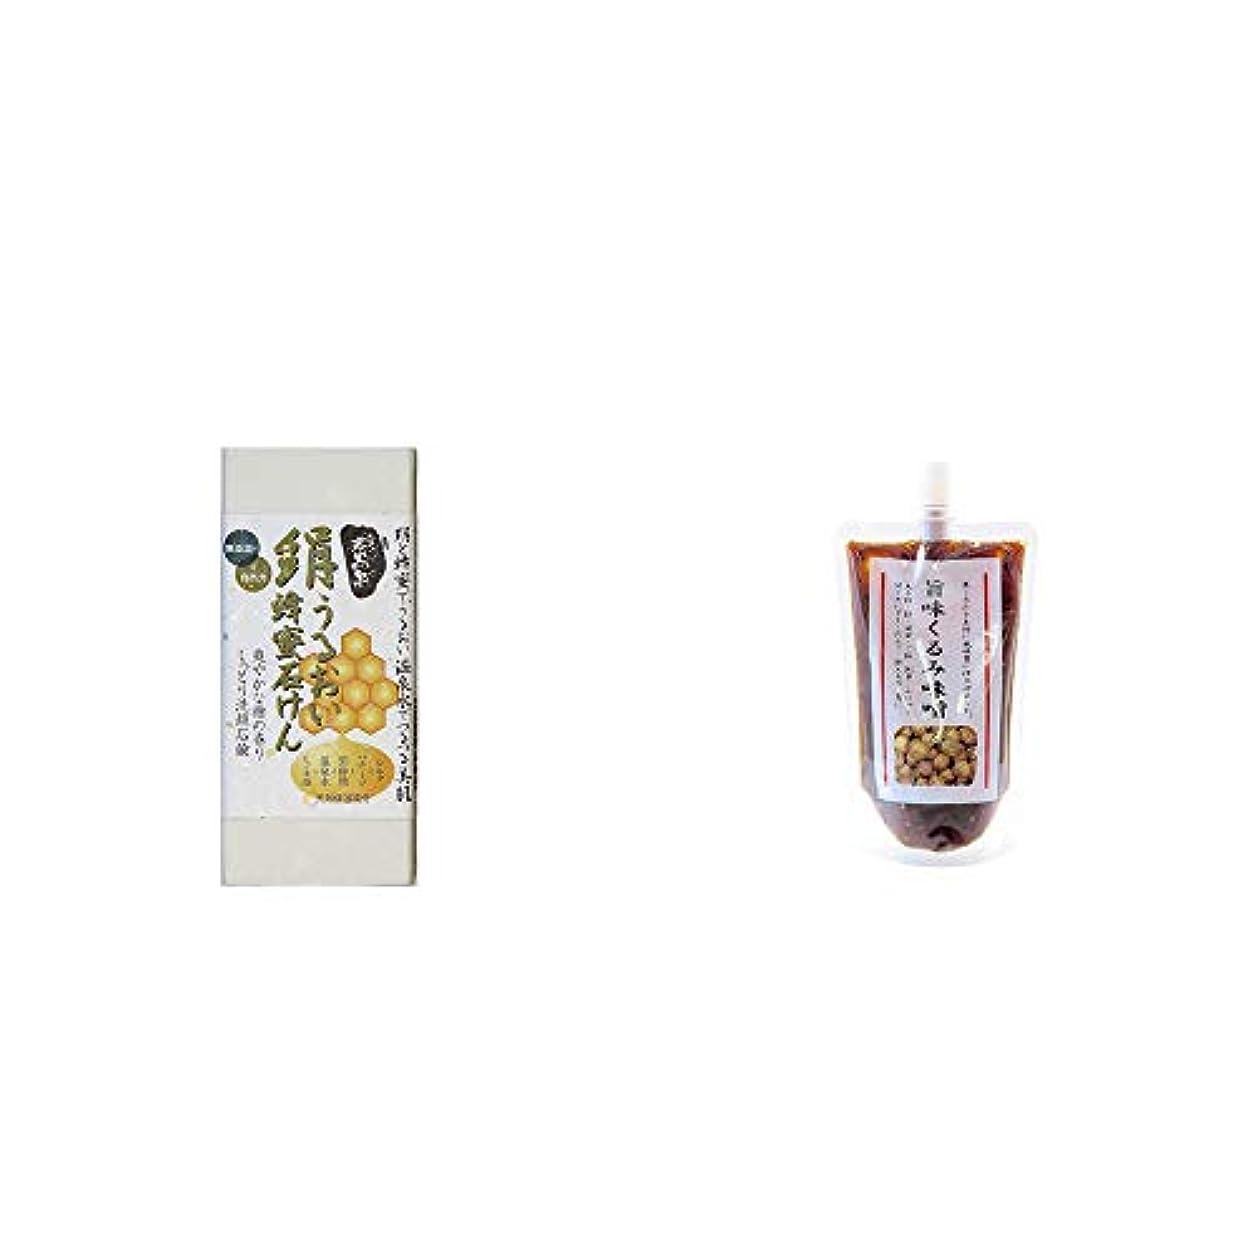 アラーム委任するストレス[2点セット] ひのき炭黒泉 絹うるおい蜂蜜石けん(75g×2)?旨味くるみ味噌(260g)